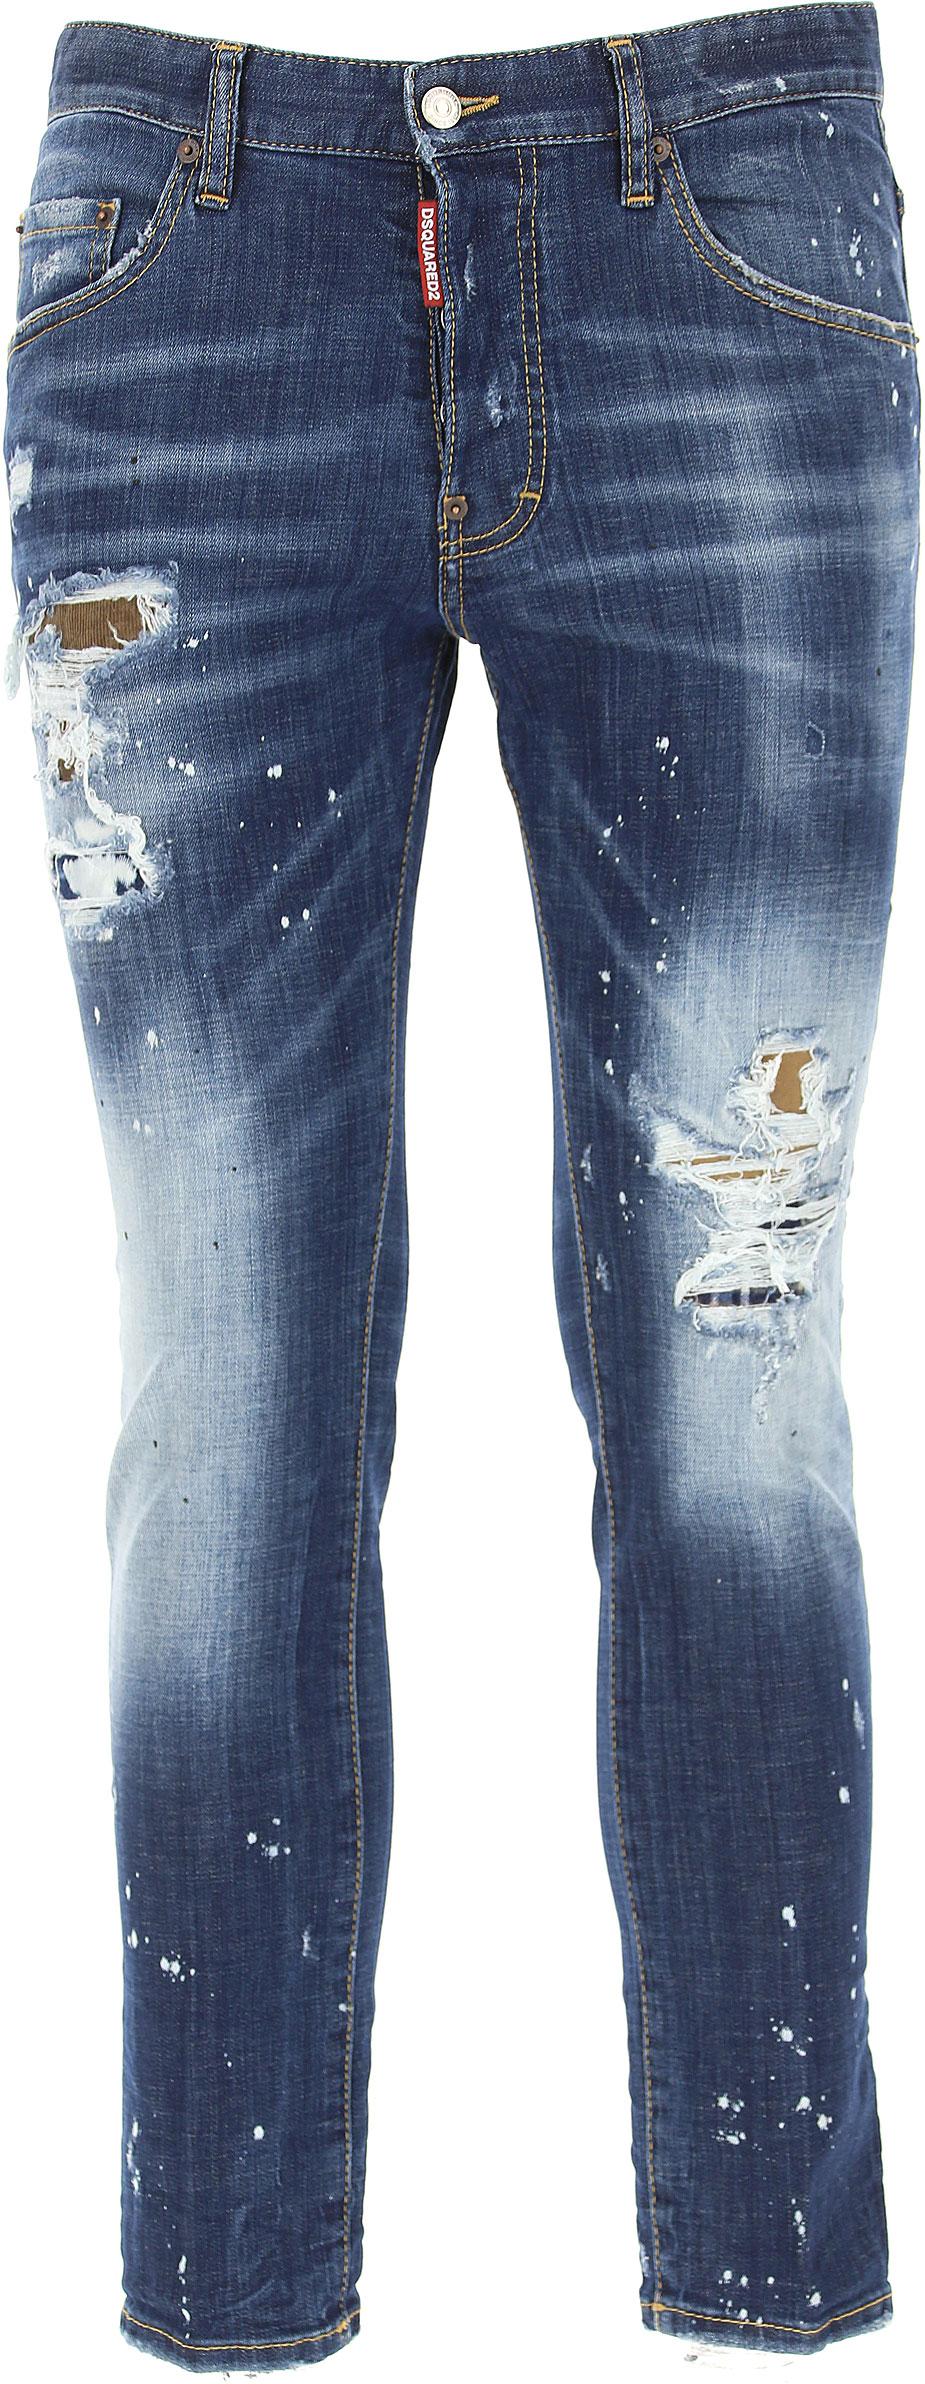 Abbigliamento Uomo Dsquared, Codice Articolo: lb0446-s30342-470